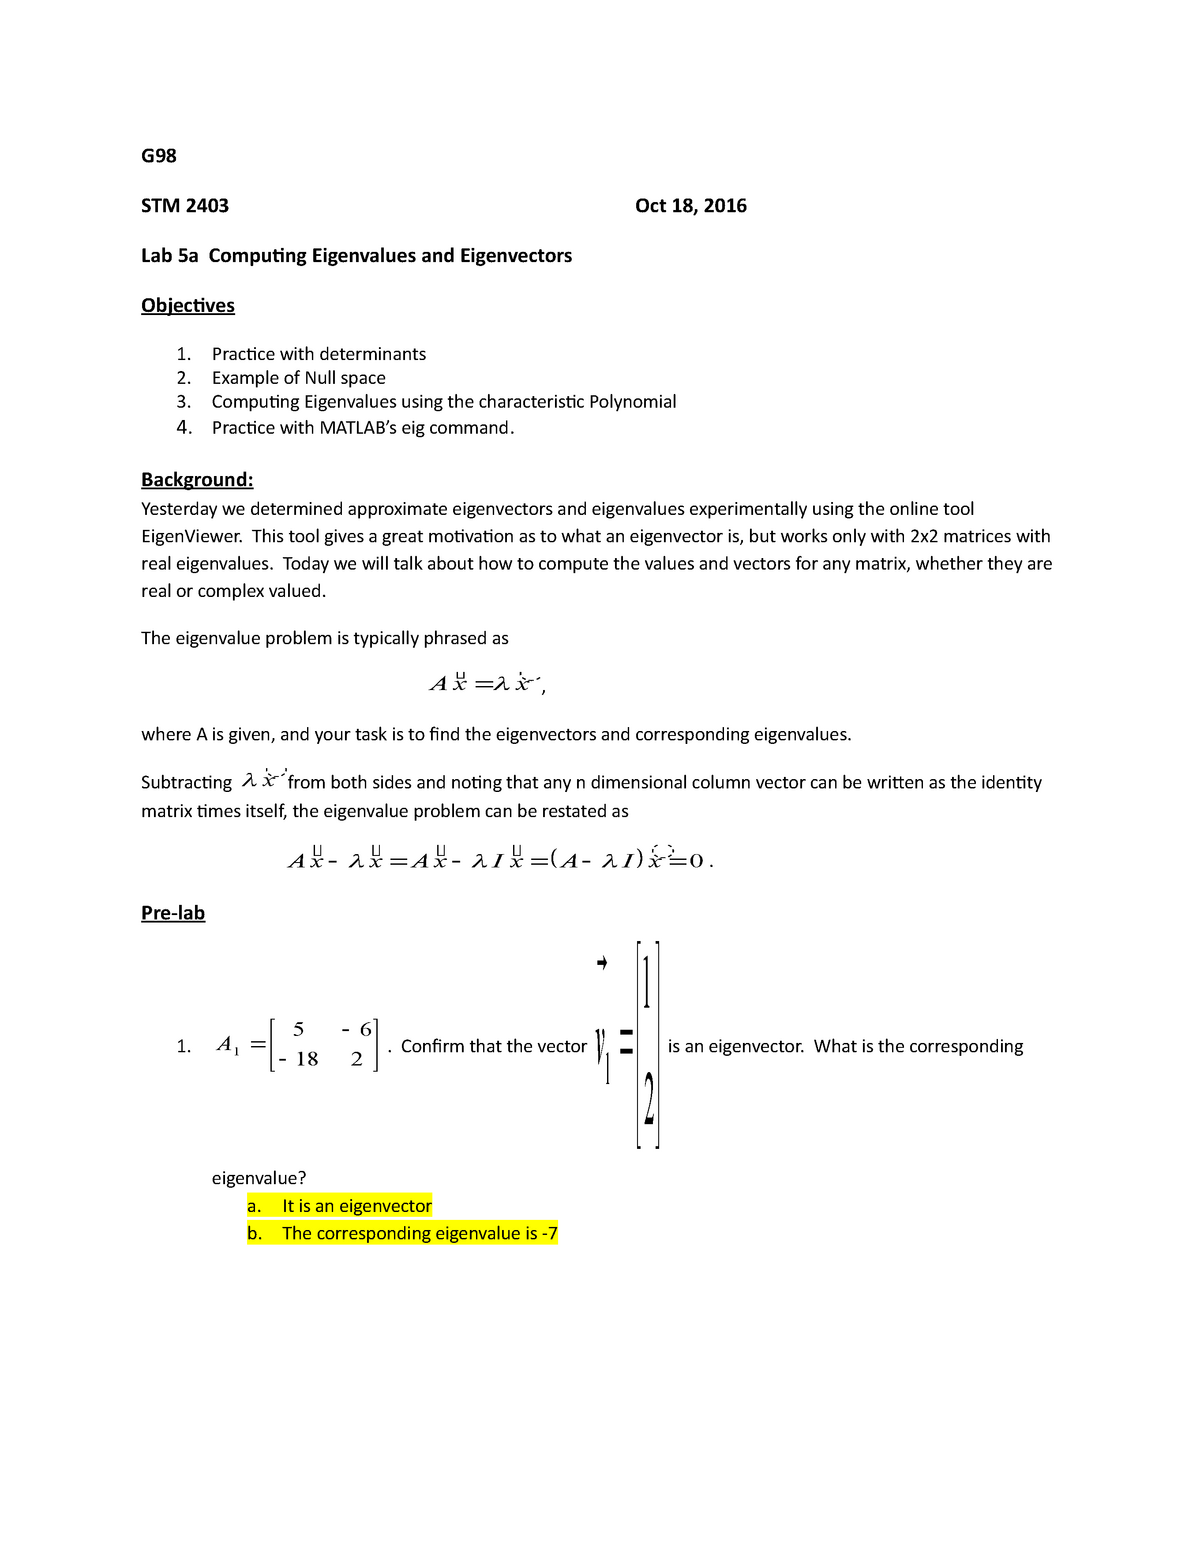 Lab5 a eigs - lab 5 - STME 2403: Math/Comp Methods Iii - StuDocu